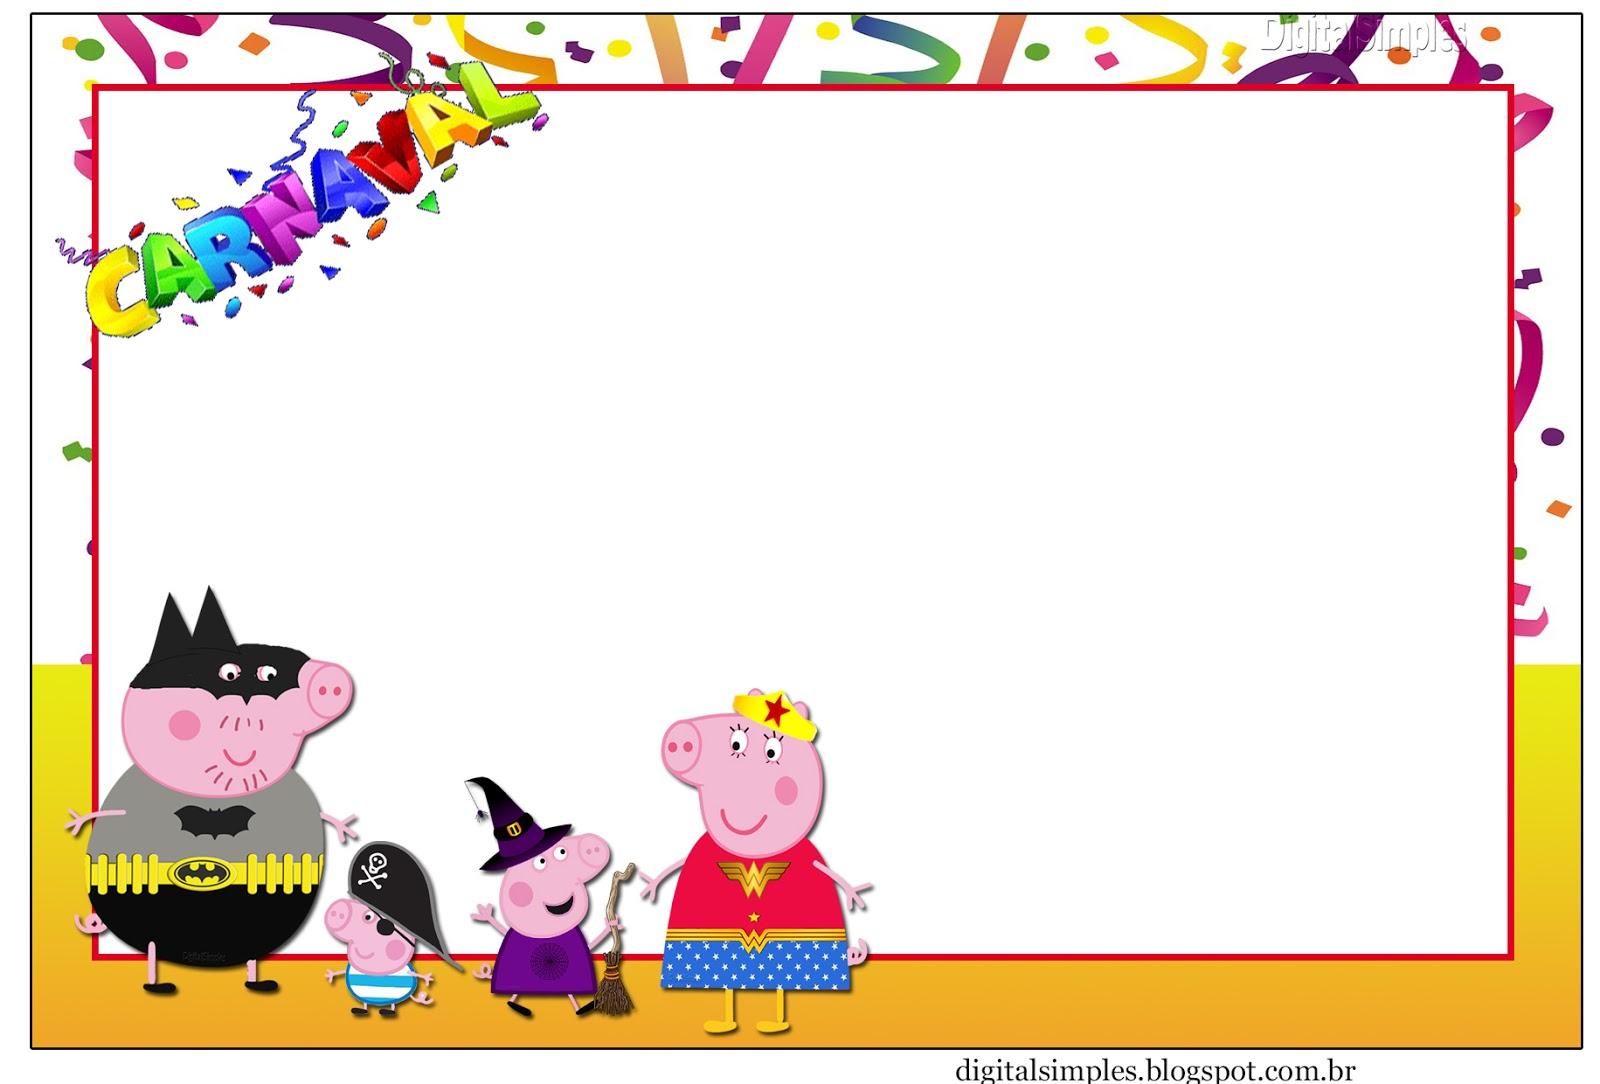 """Kit Personalizados """"Peppa Pig e Família no Carnaval"""" - Convites Digitais Simples"""